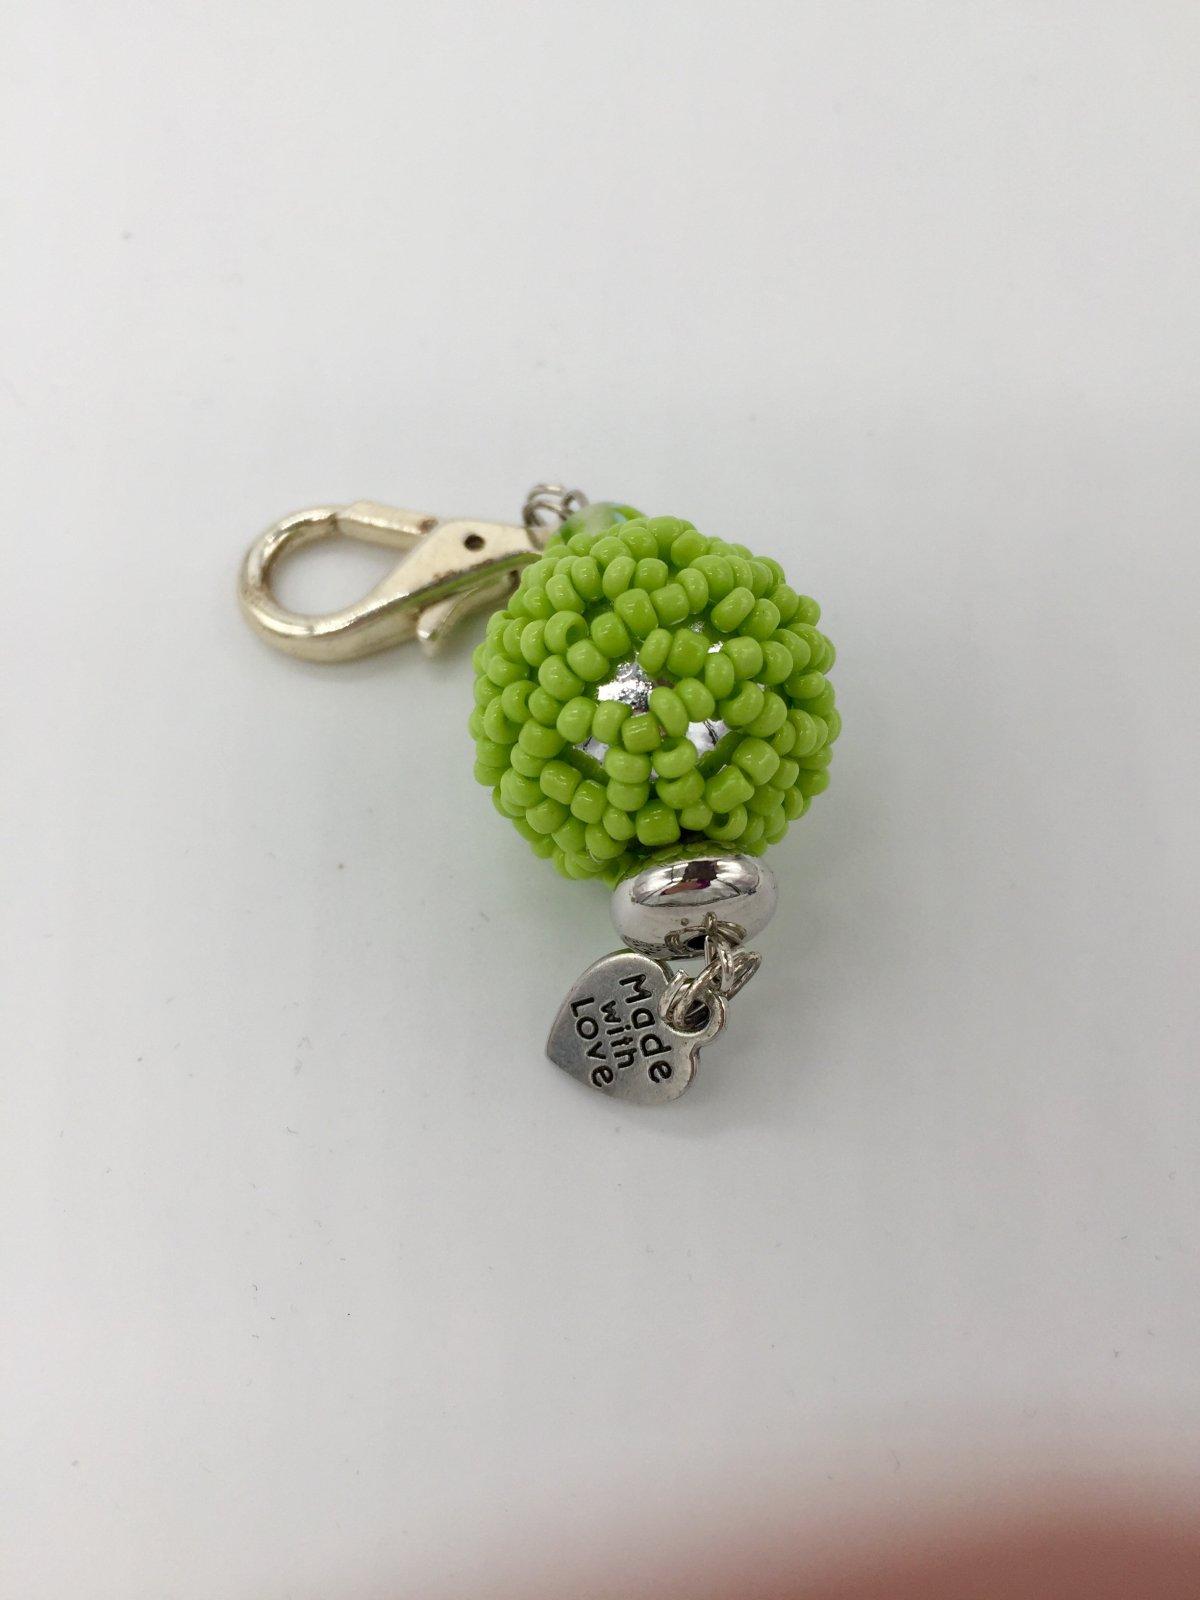 Zipper Pull - Green Beads